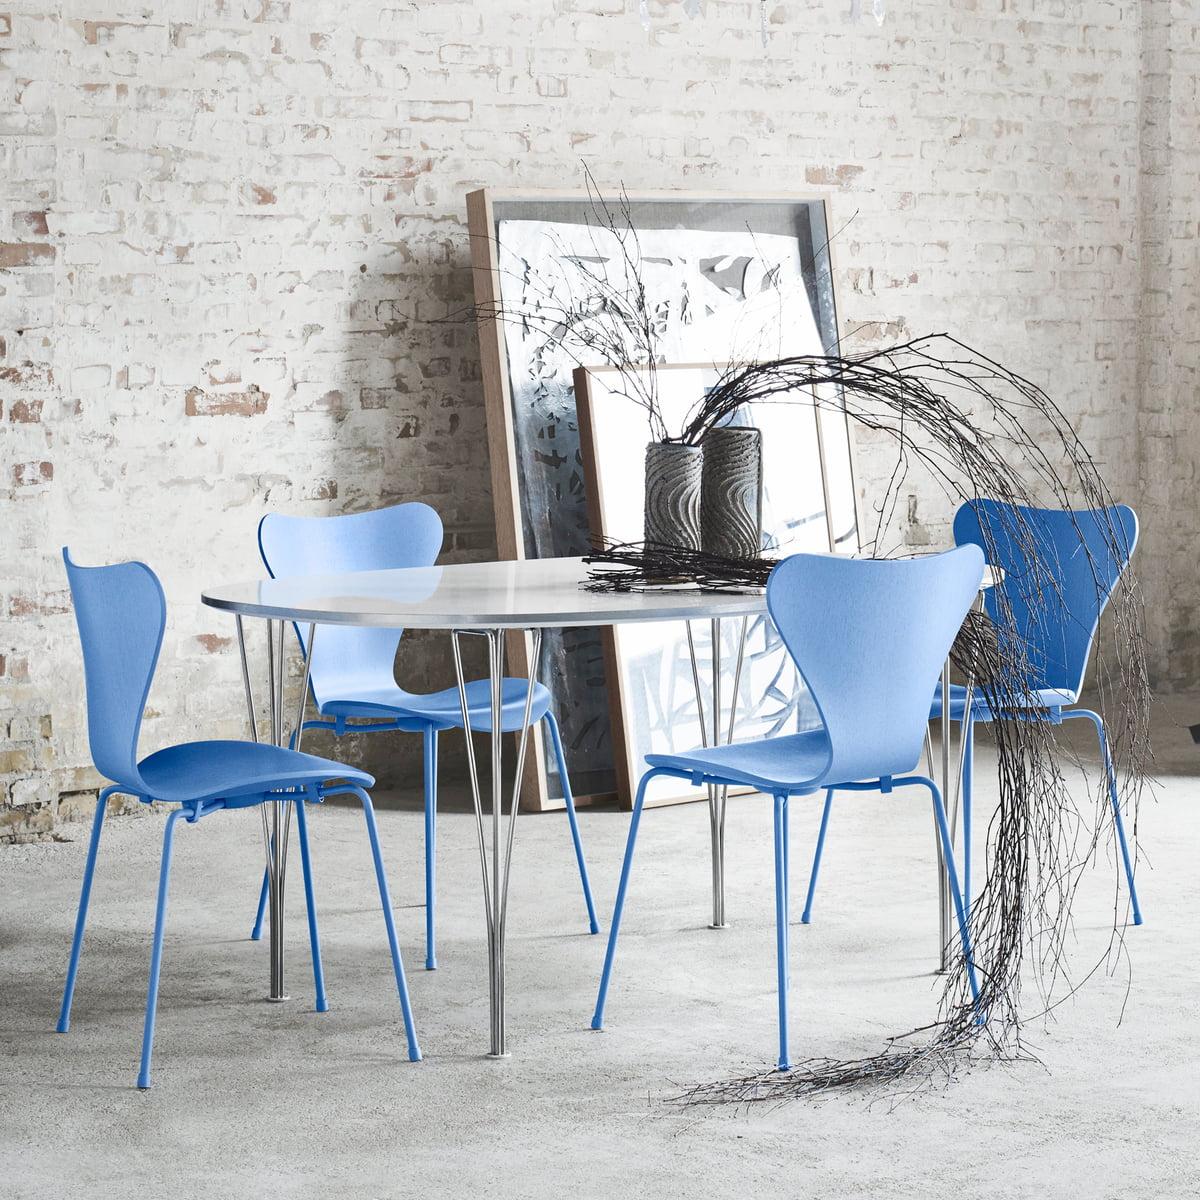 Bon The Fritz Hansen Series 7 Chair, Trieste Blue